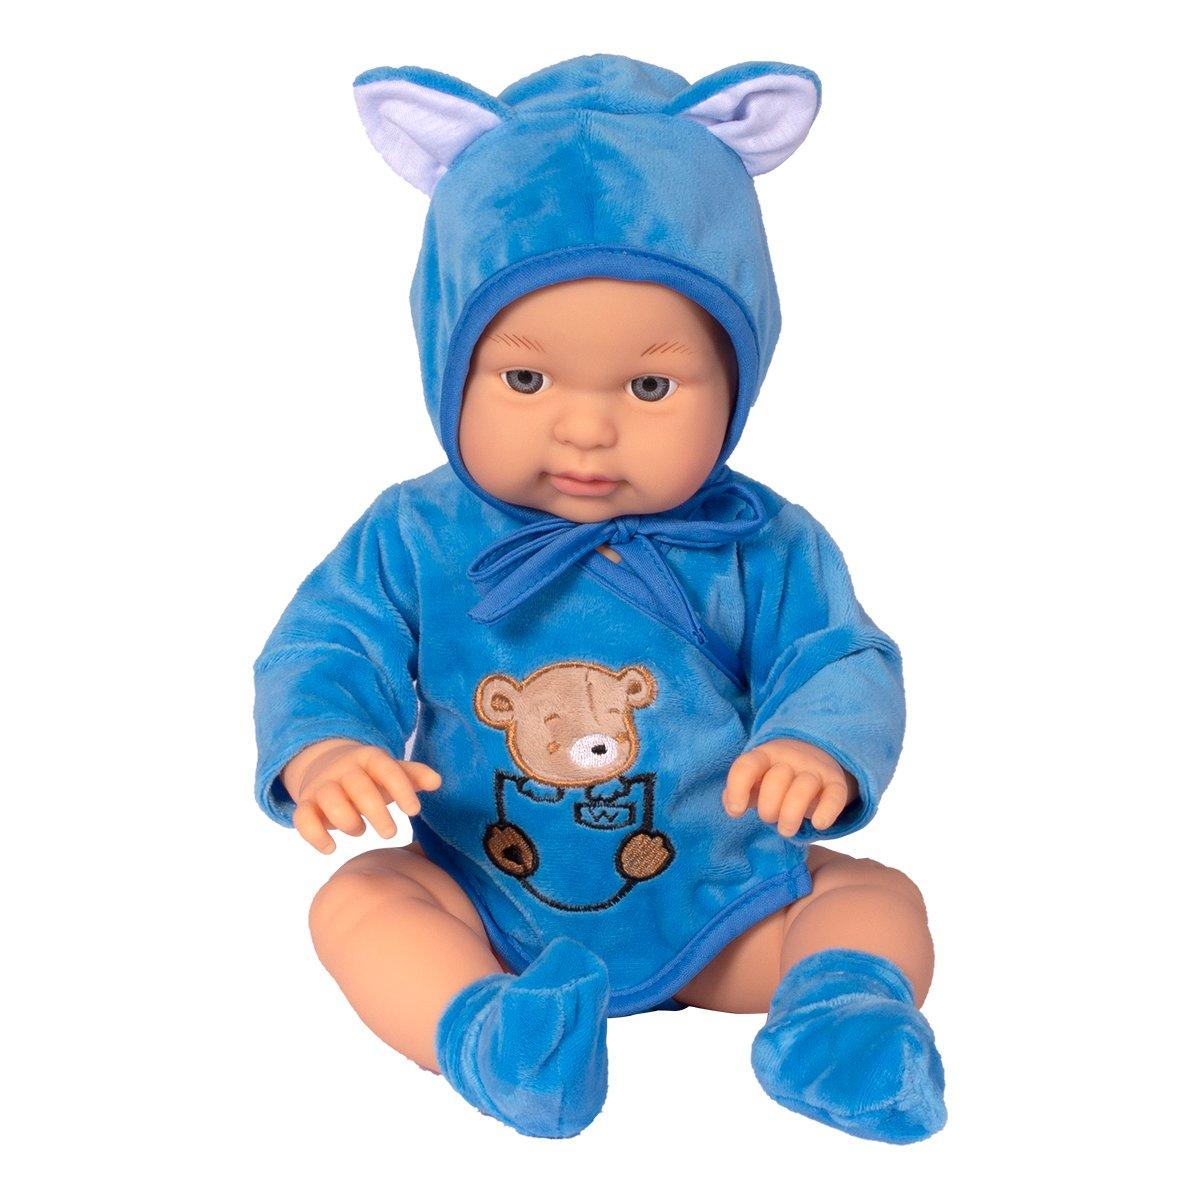 Papusa Baby Maia Deluxe, Bleu